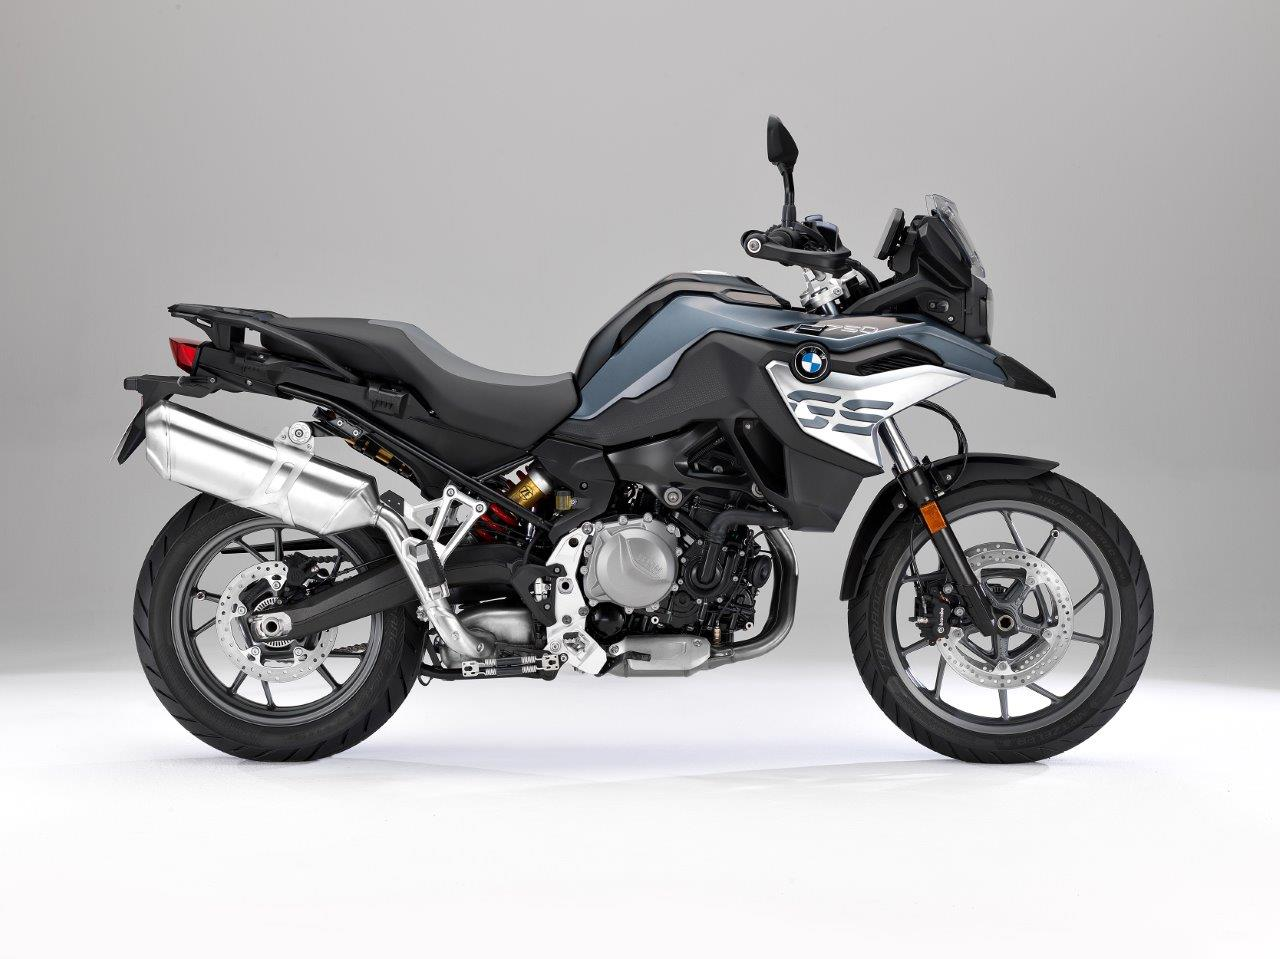 2020 BMW F750 GS